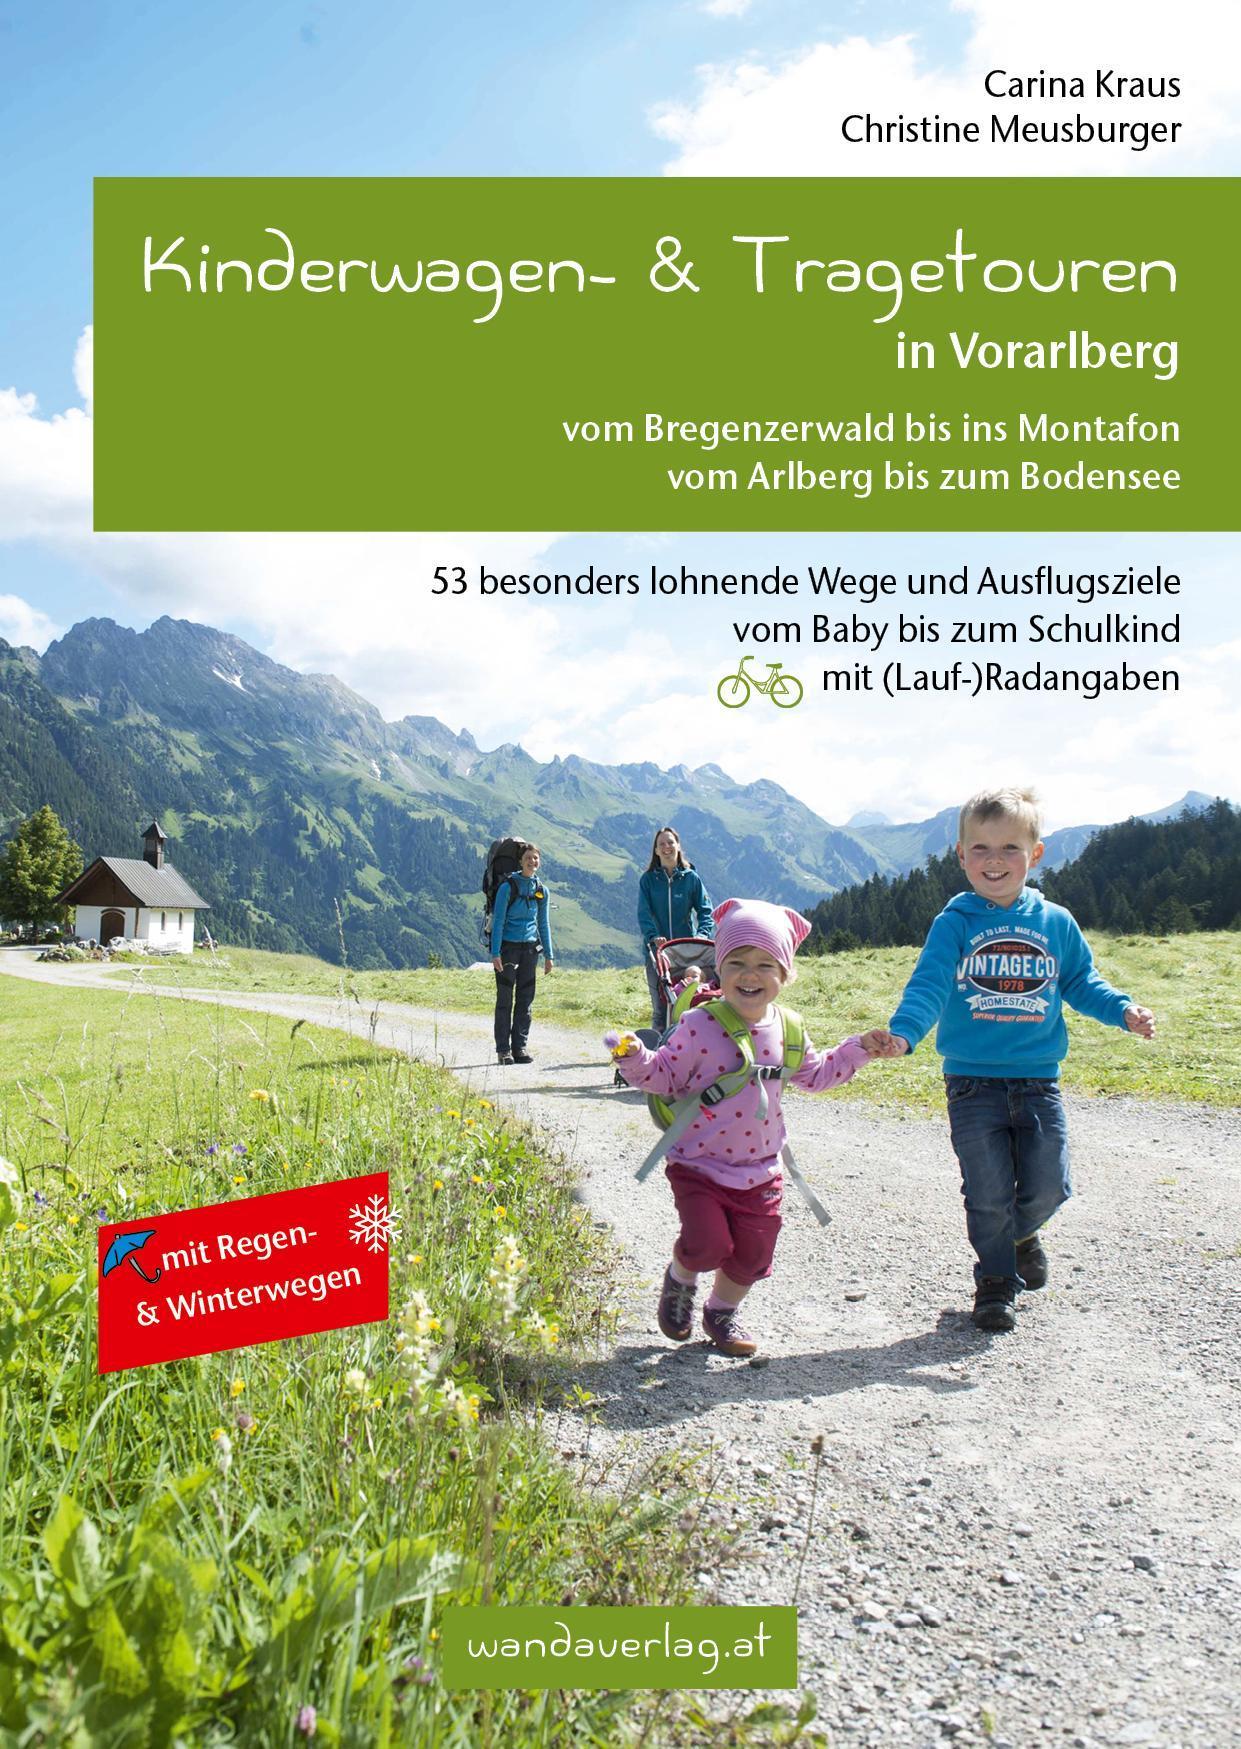 Kinderwagen- & Tragetouren in Vorarlberg, Carina Kraus